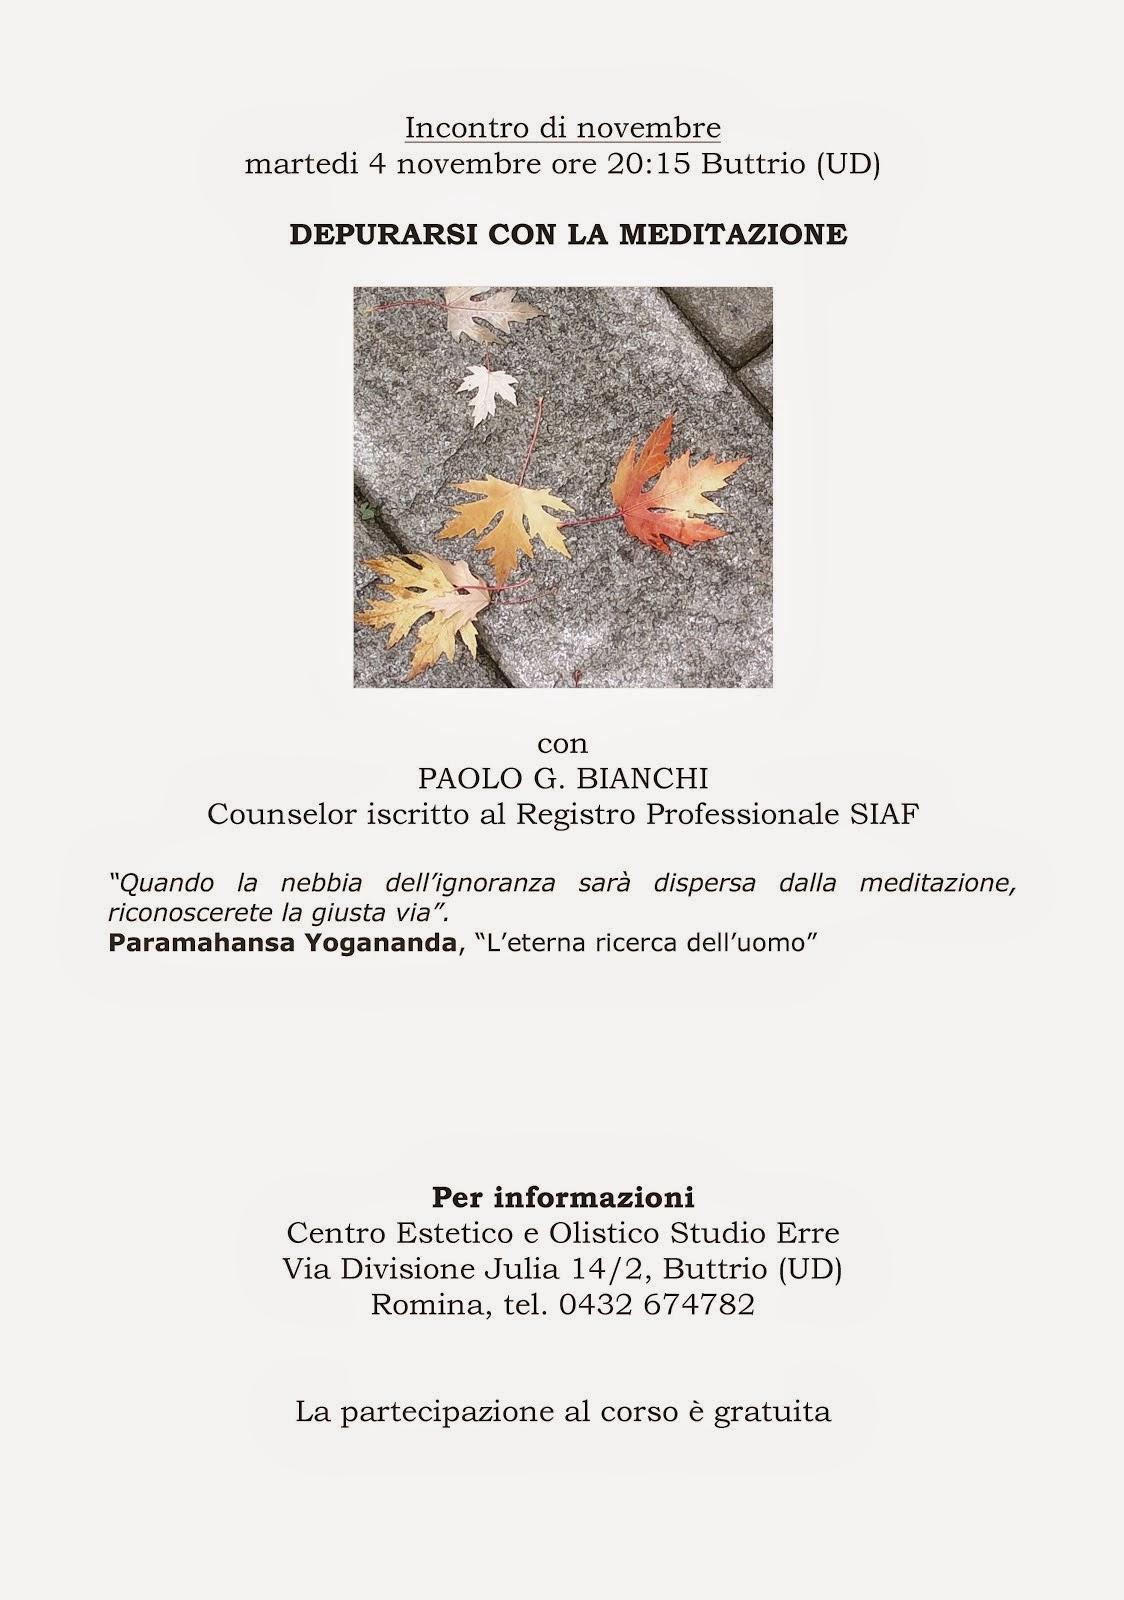 EVENTI: MEDITAZIONE A BUTTRIO (UD)